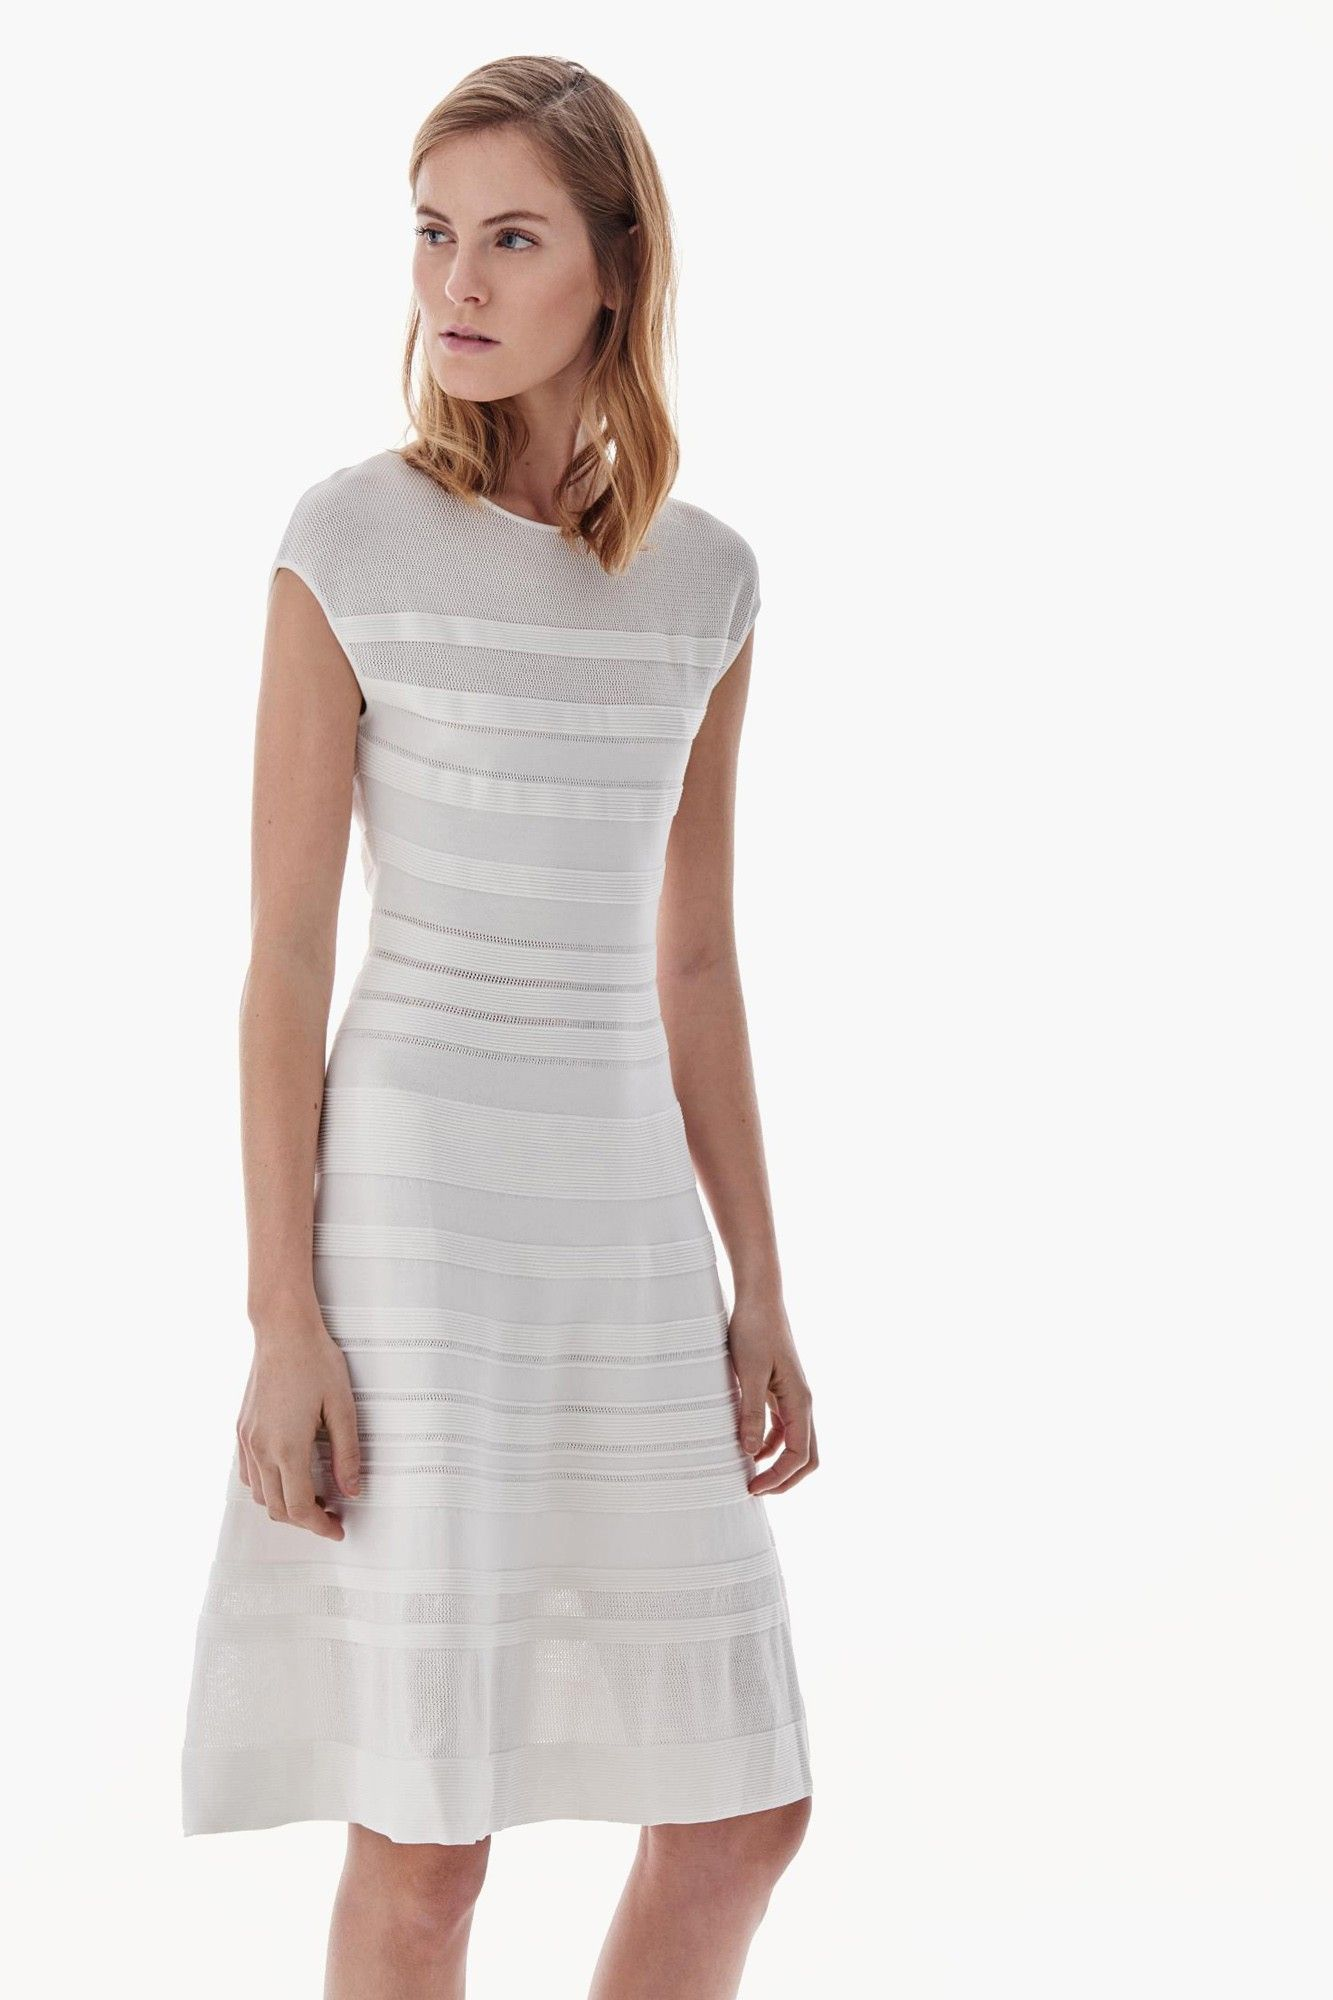 mas bajo precio baratas calidad Vestido blanco de punto | Adolfo Dominguez shop online ...